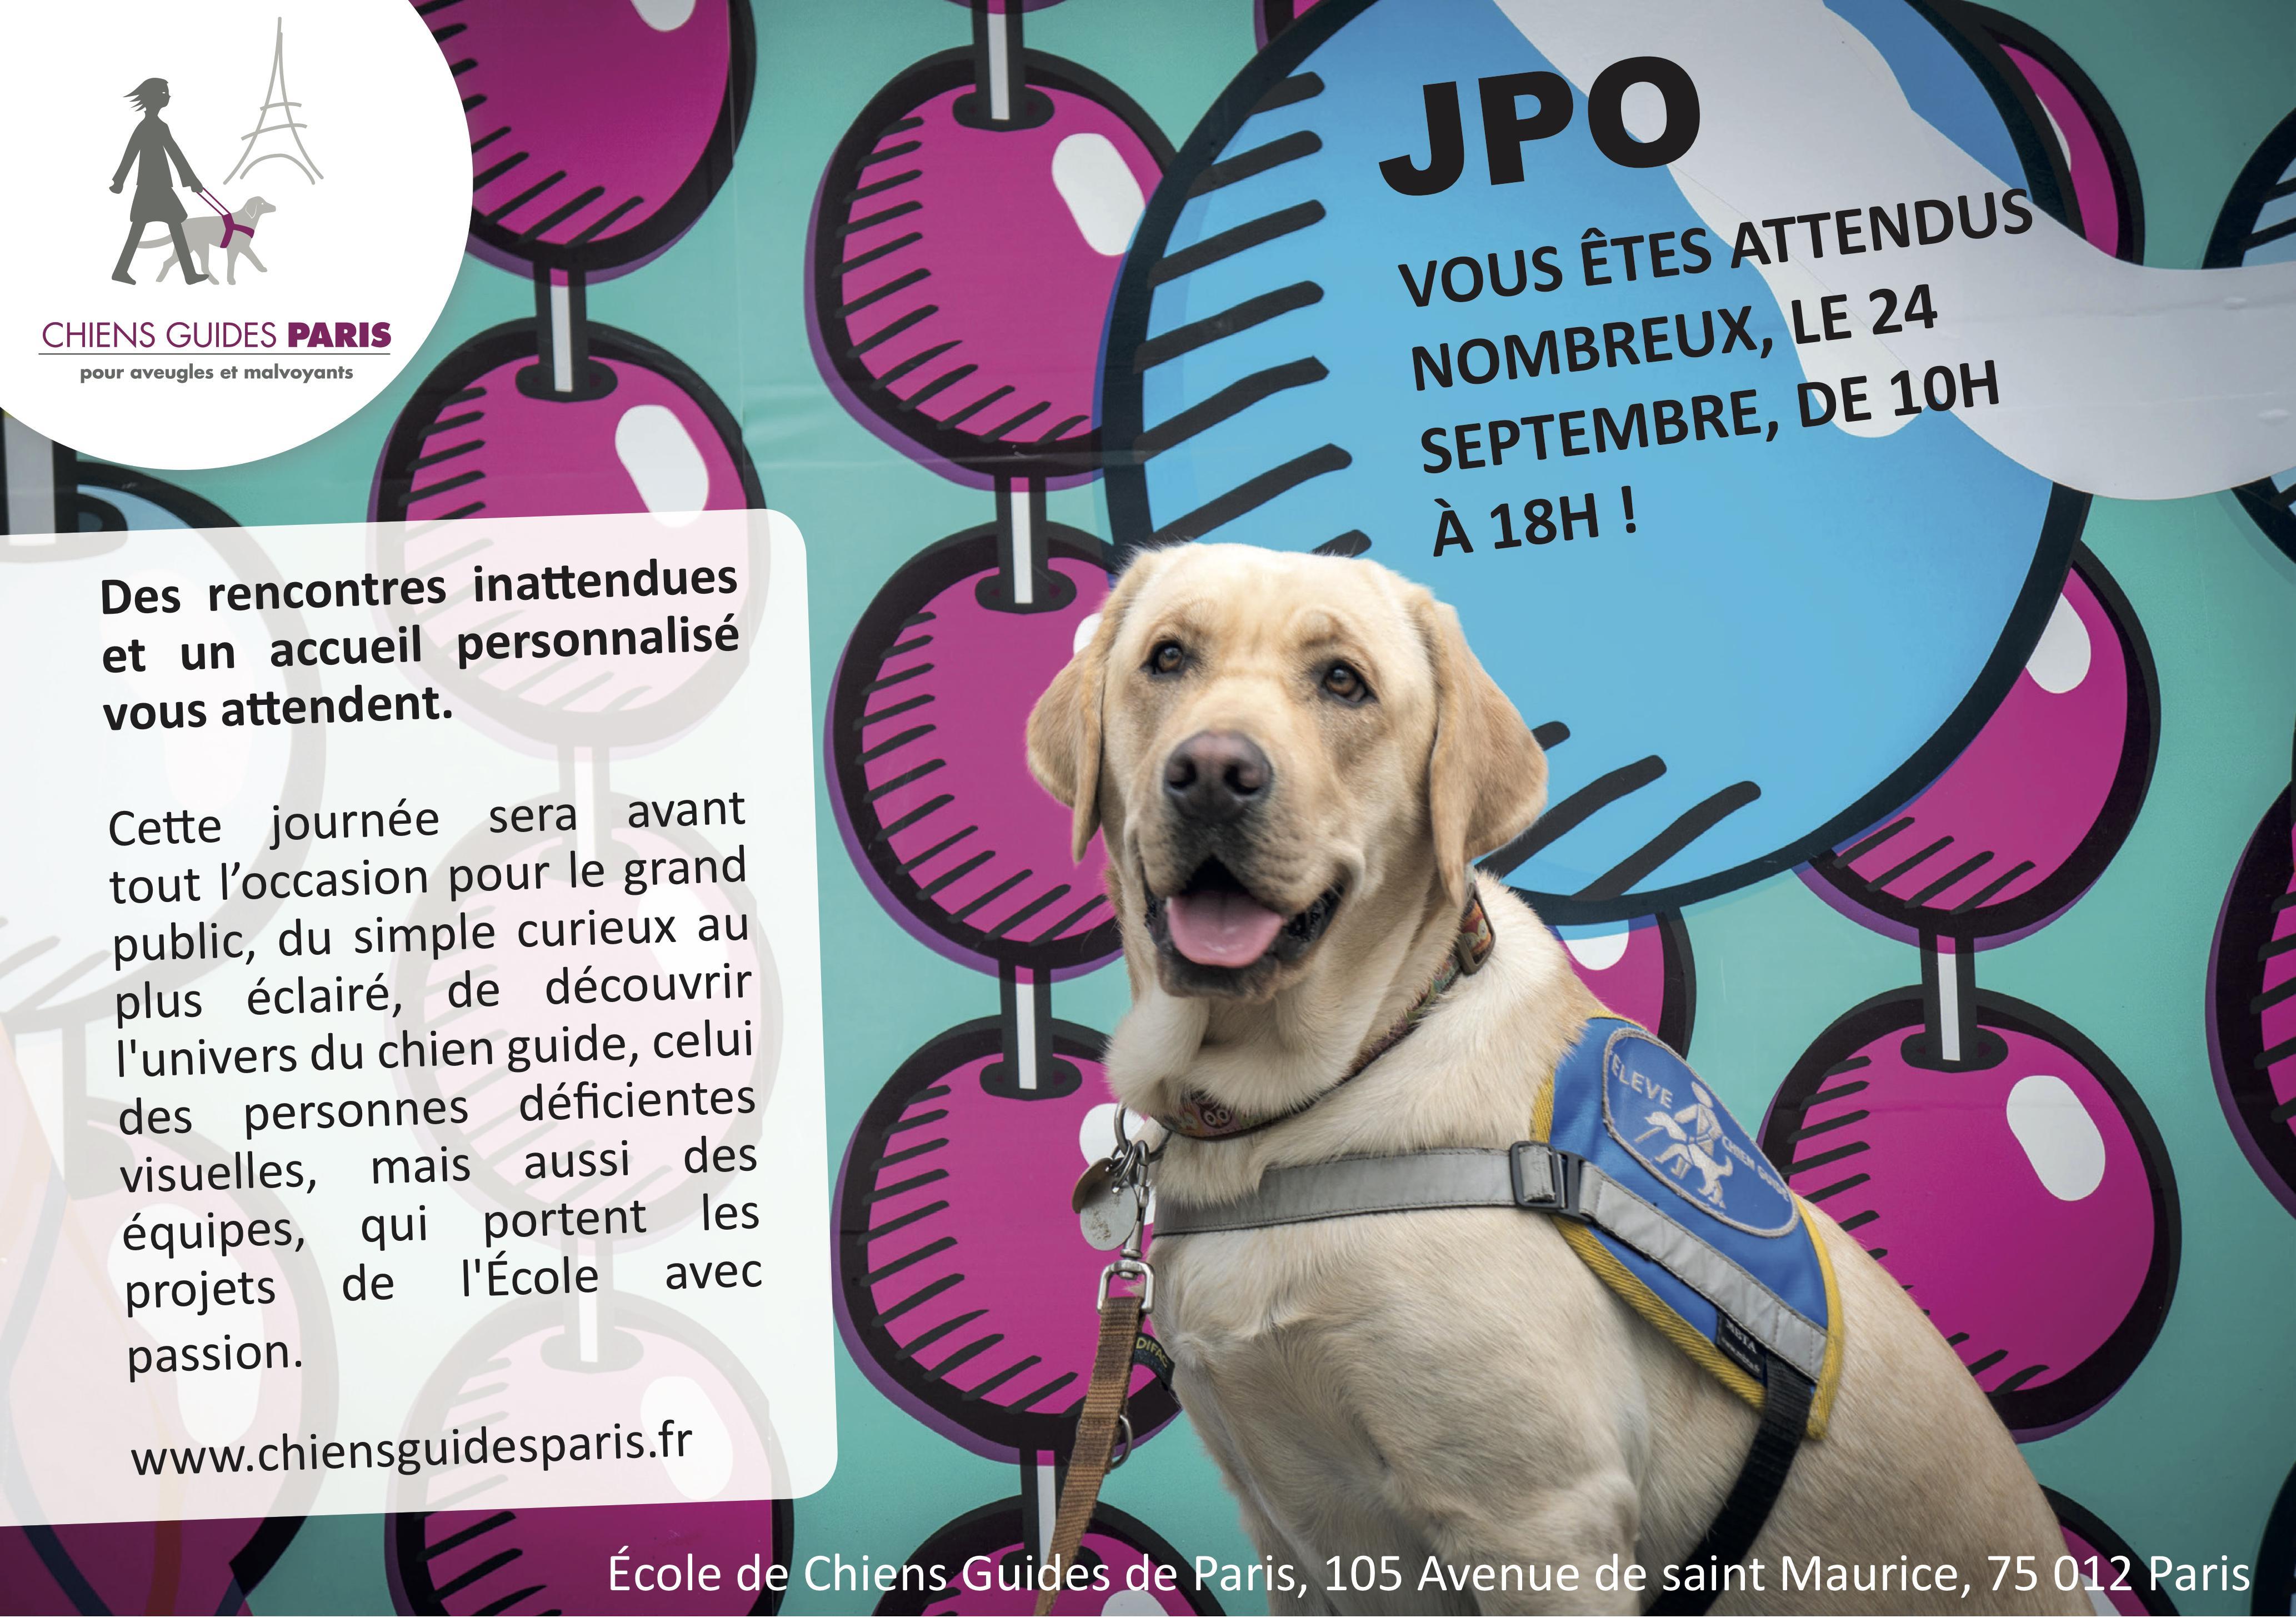 Image JPO